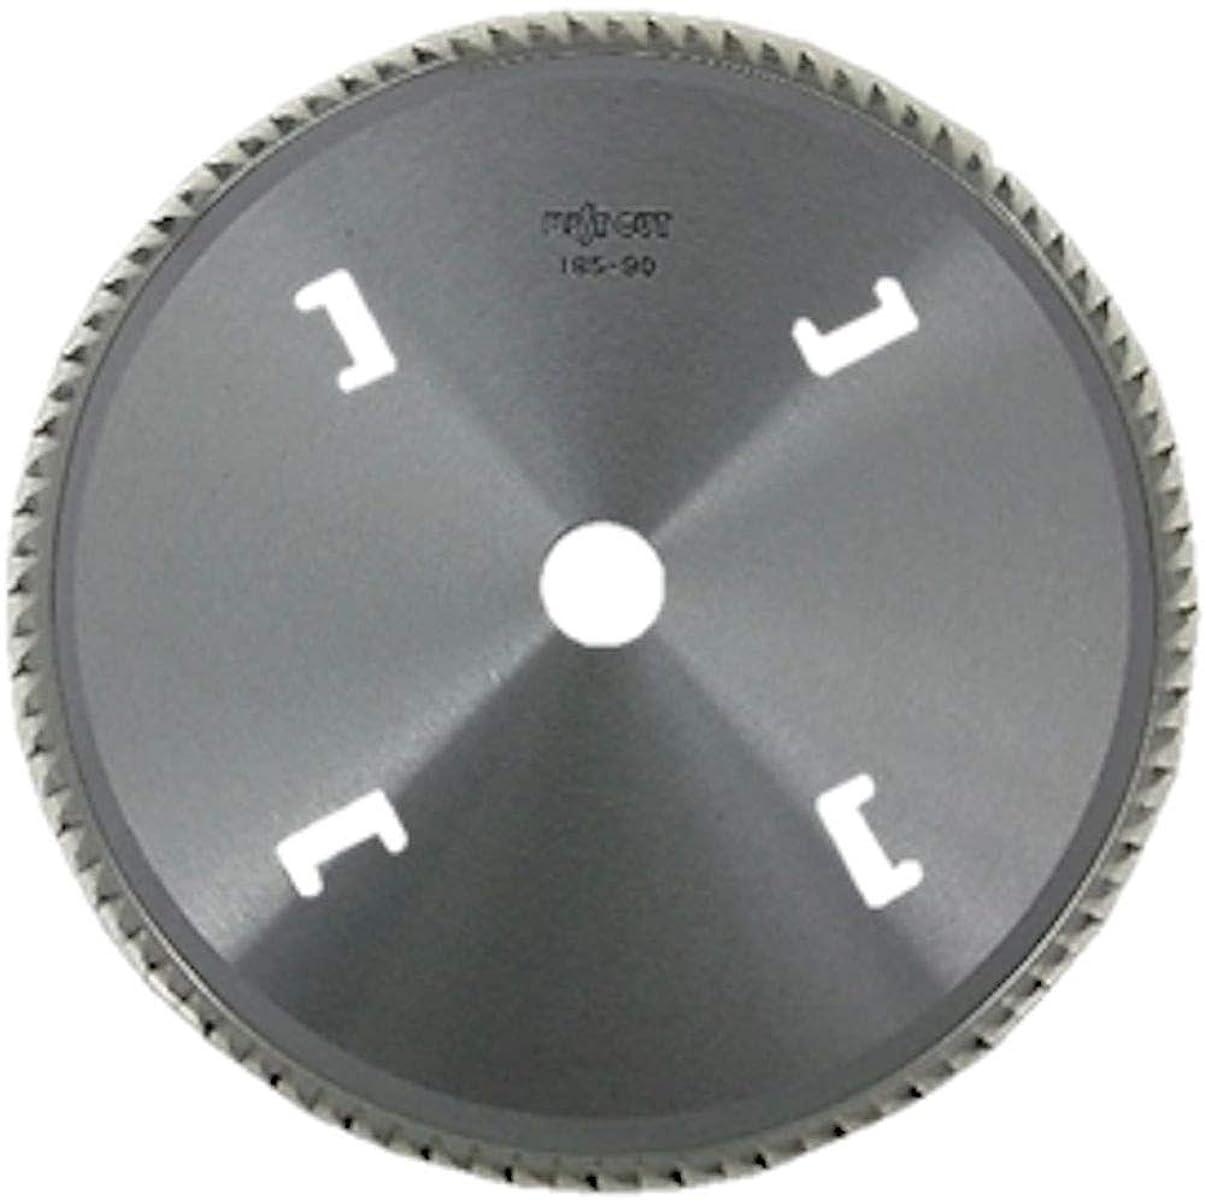 恩恵個人メインベストカット 木工用チップソー本導付超仕上用190×90P